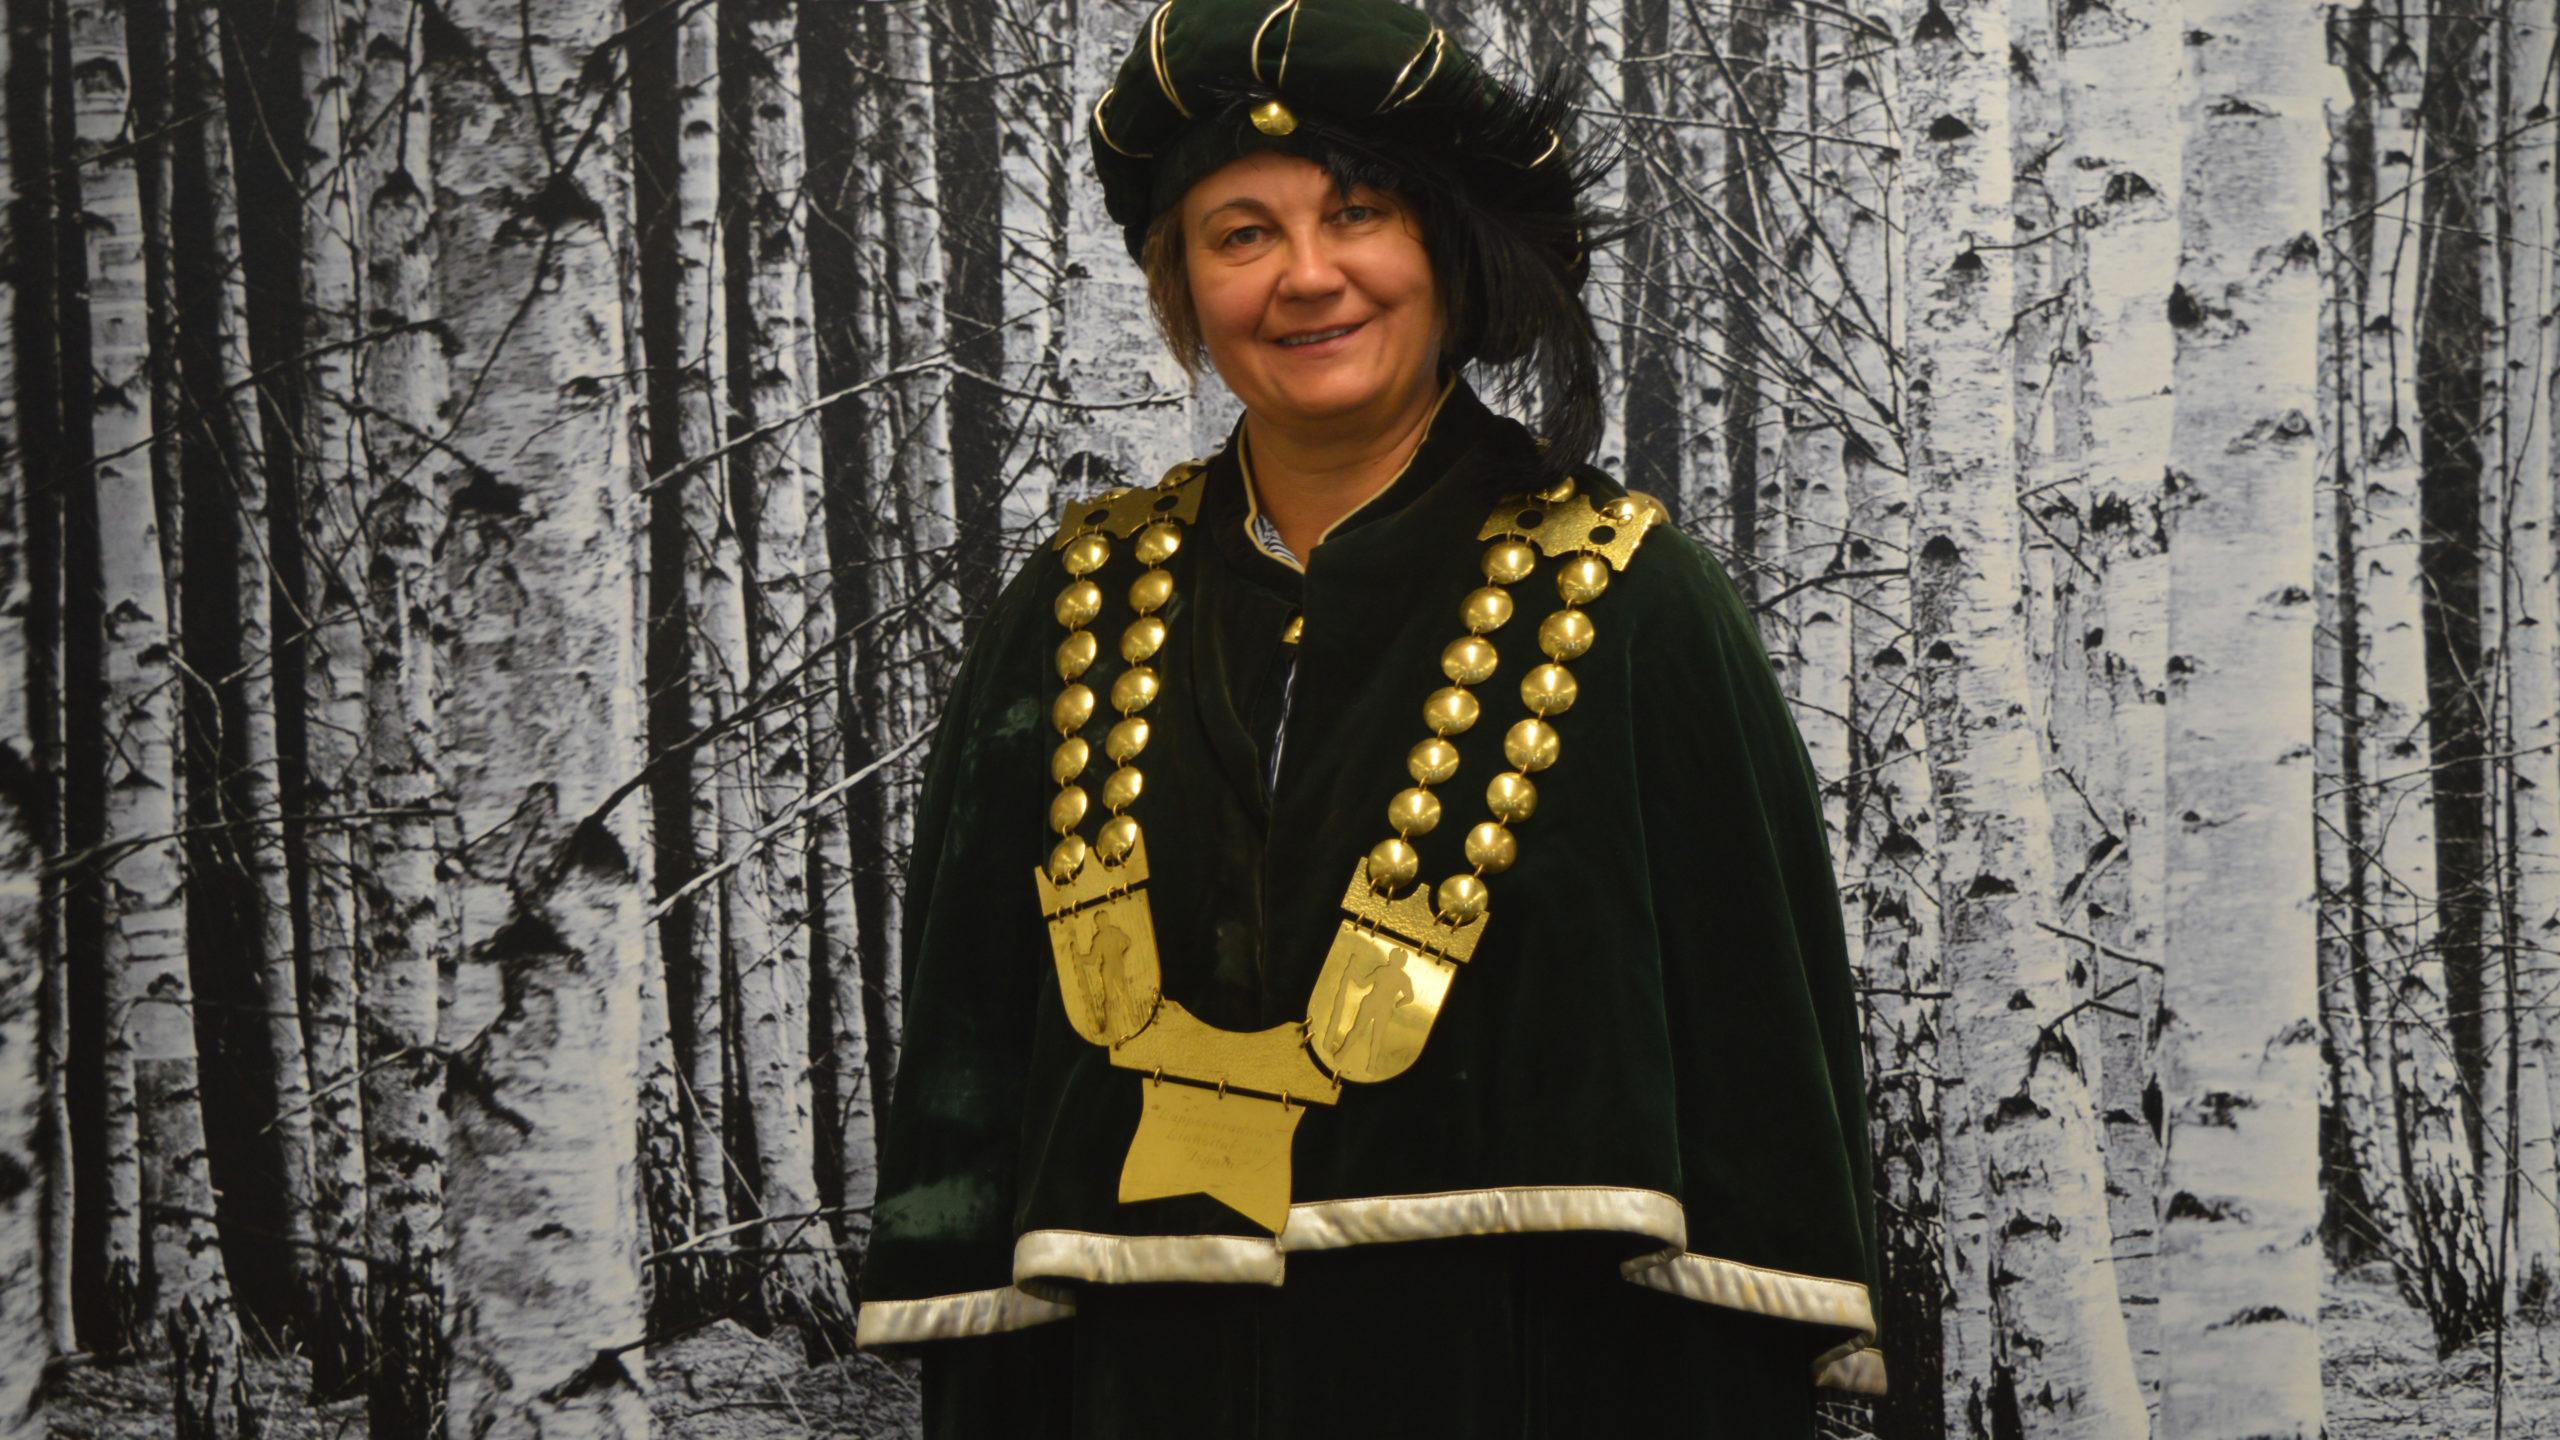 Anu Talka Linnoituksen isännän asusteissa.